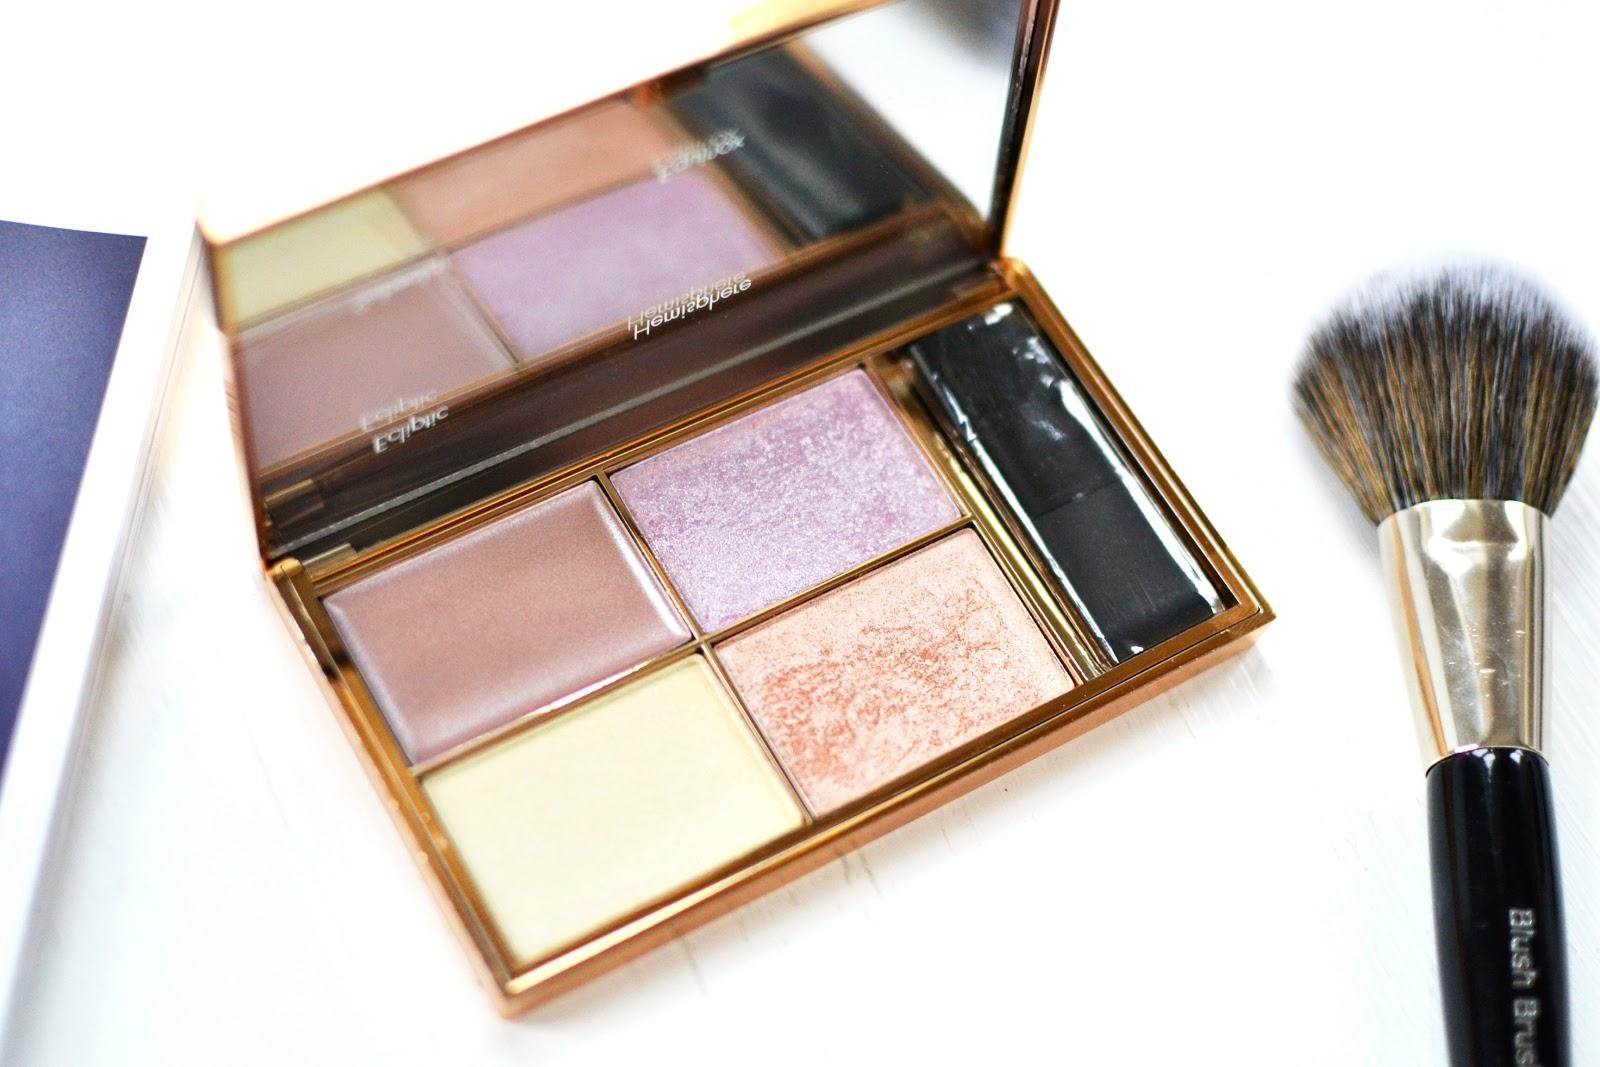 Sleek MakeUP Highlighting Palette in Solstice